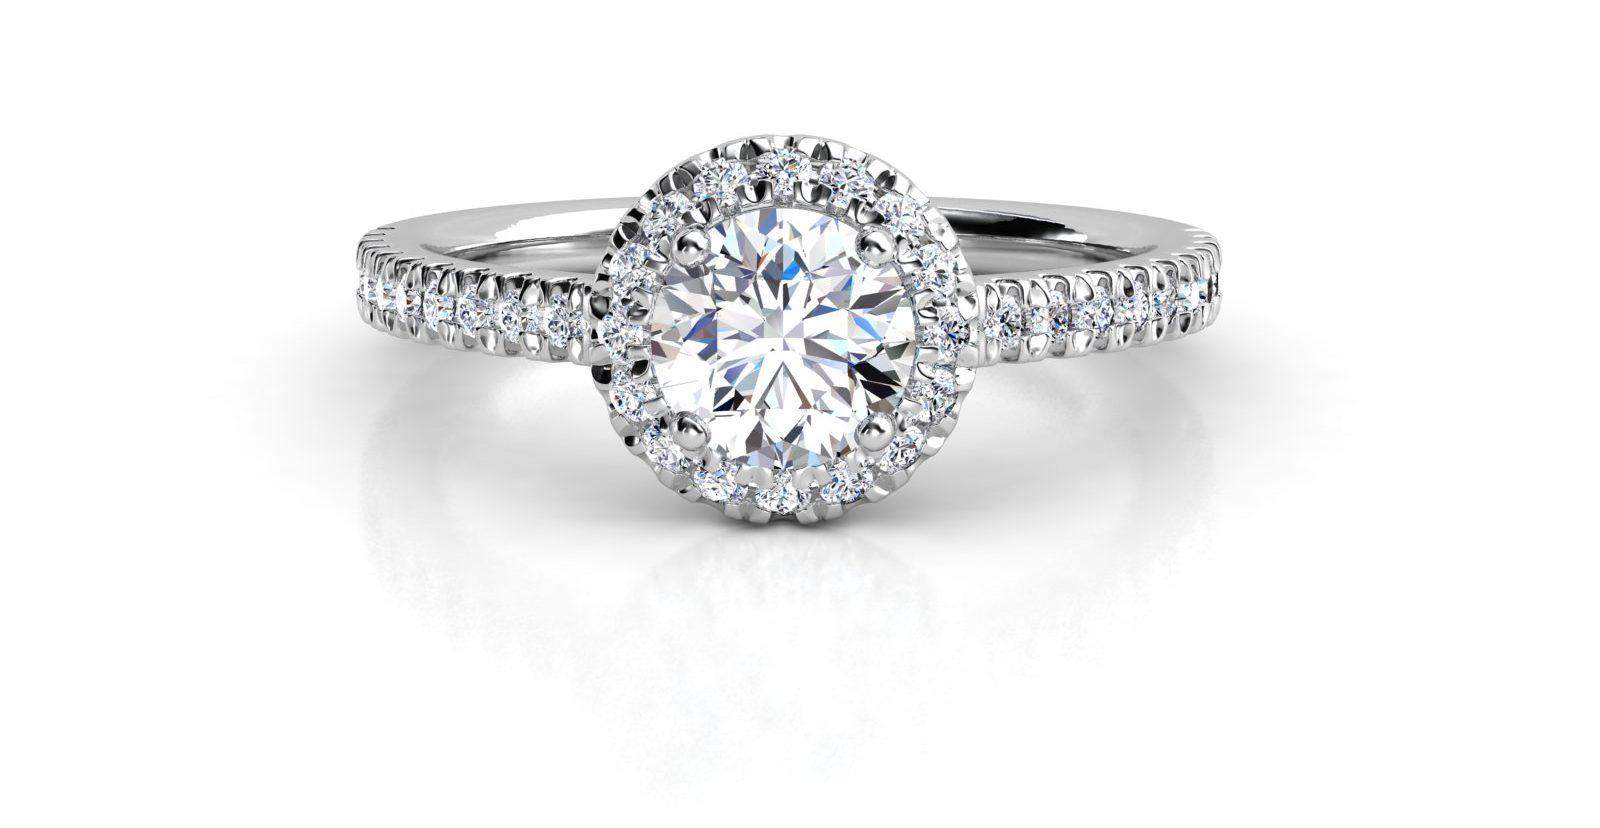 המדריך-המלא-לרכישת-טבעת-אירוסין-טבעת-האלו